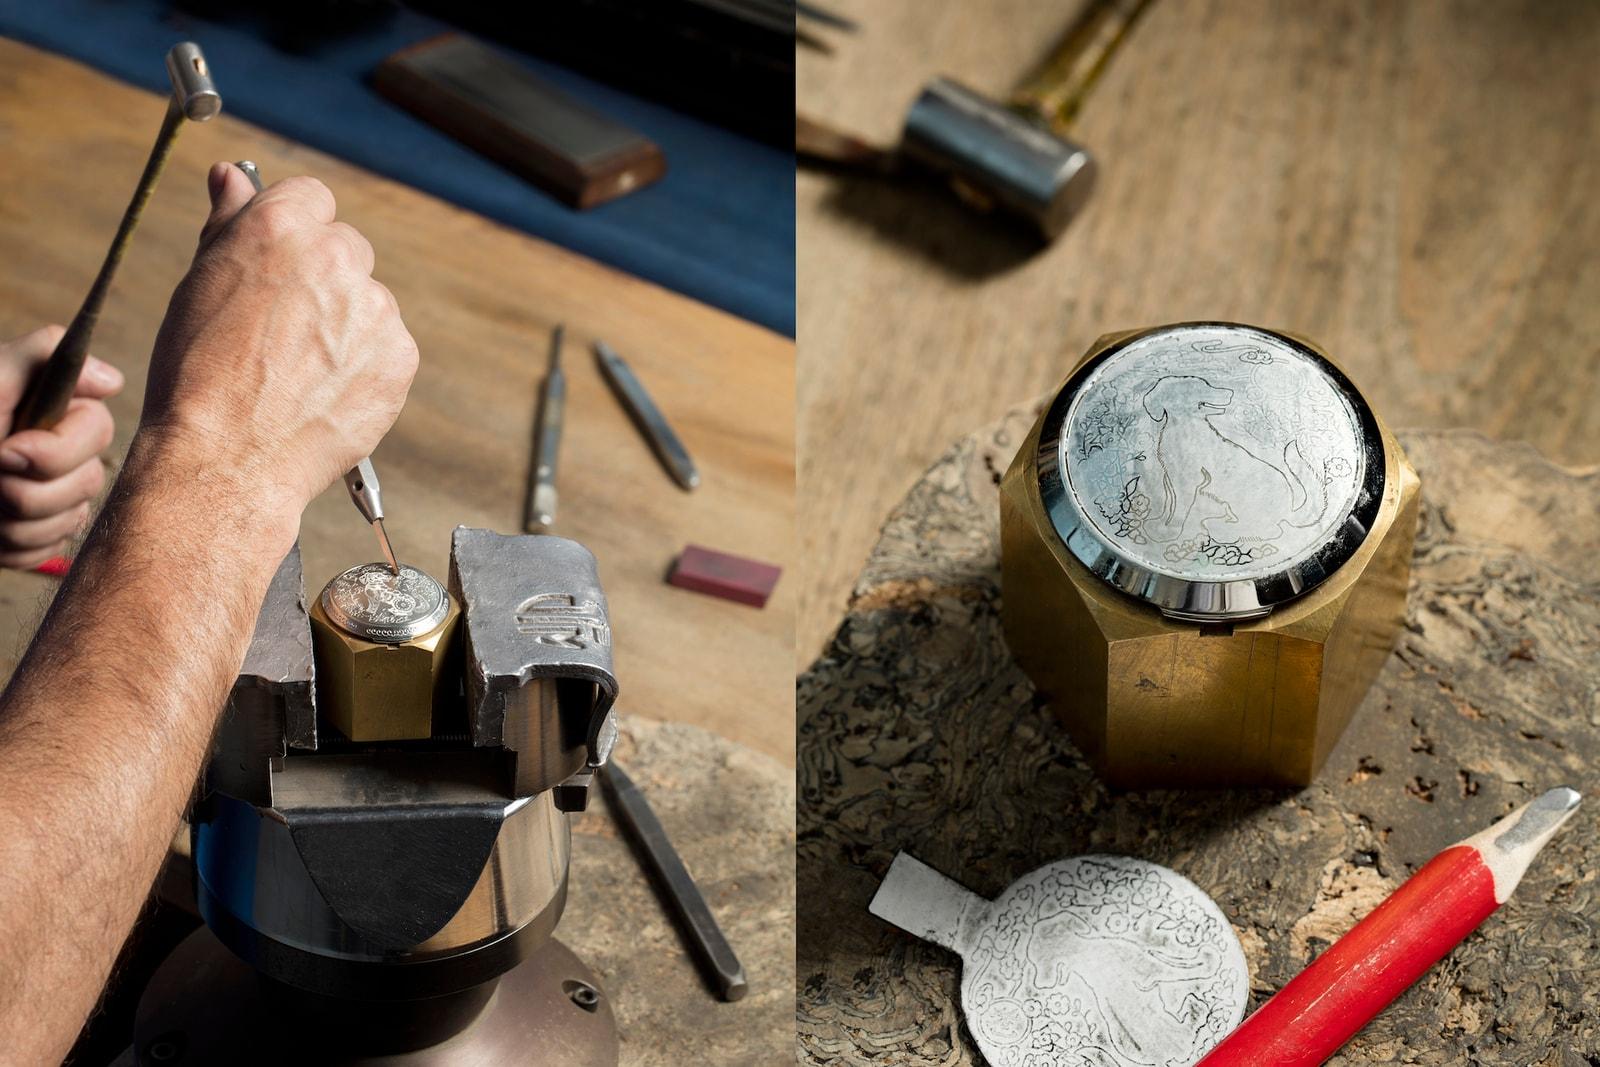 意大利雕刻技藝-Panerai 最新 Luminor 1950 Sealand 3 Days Automatic Acciaio 狗年限定版本登場